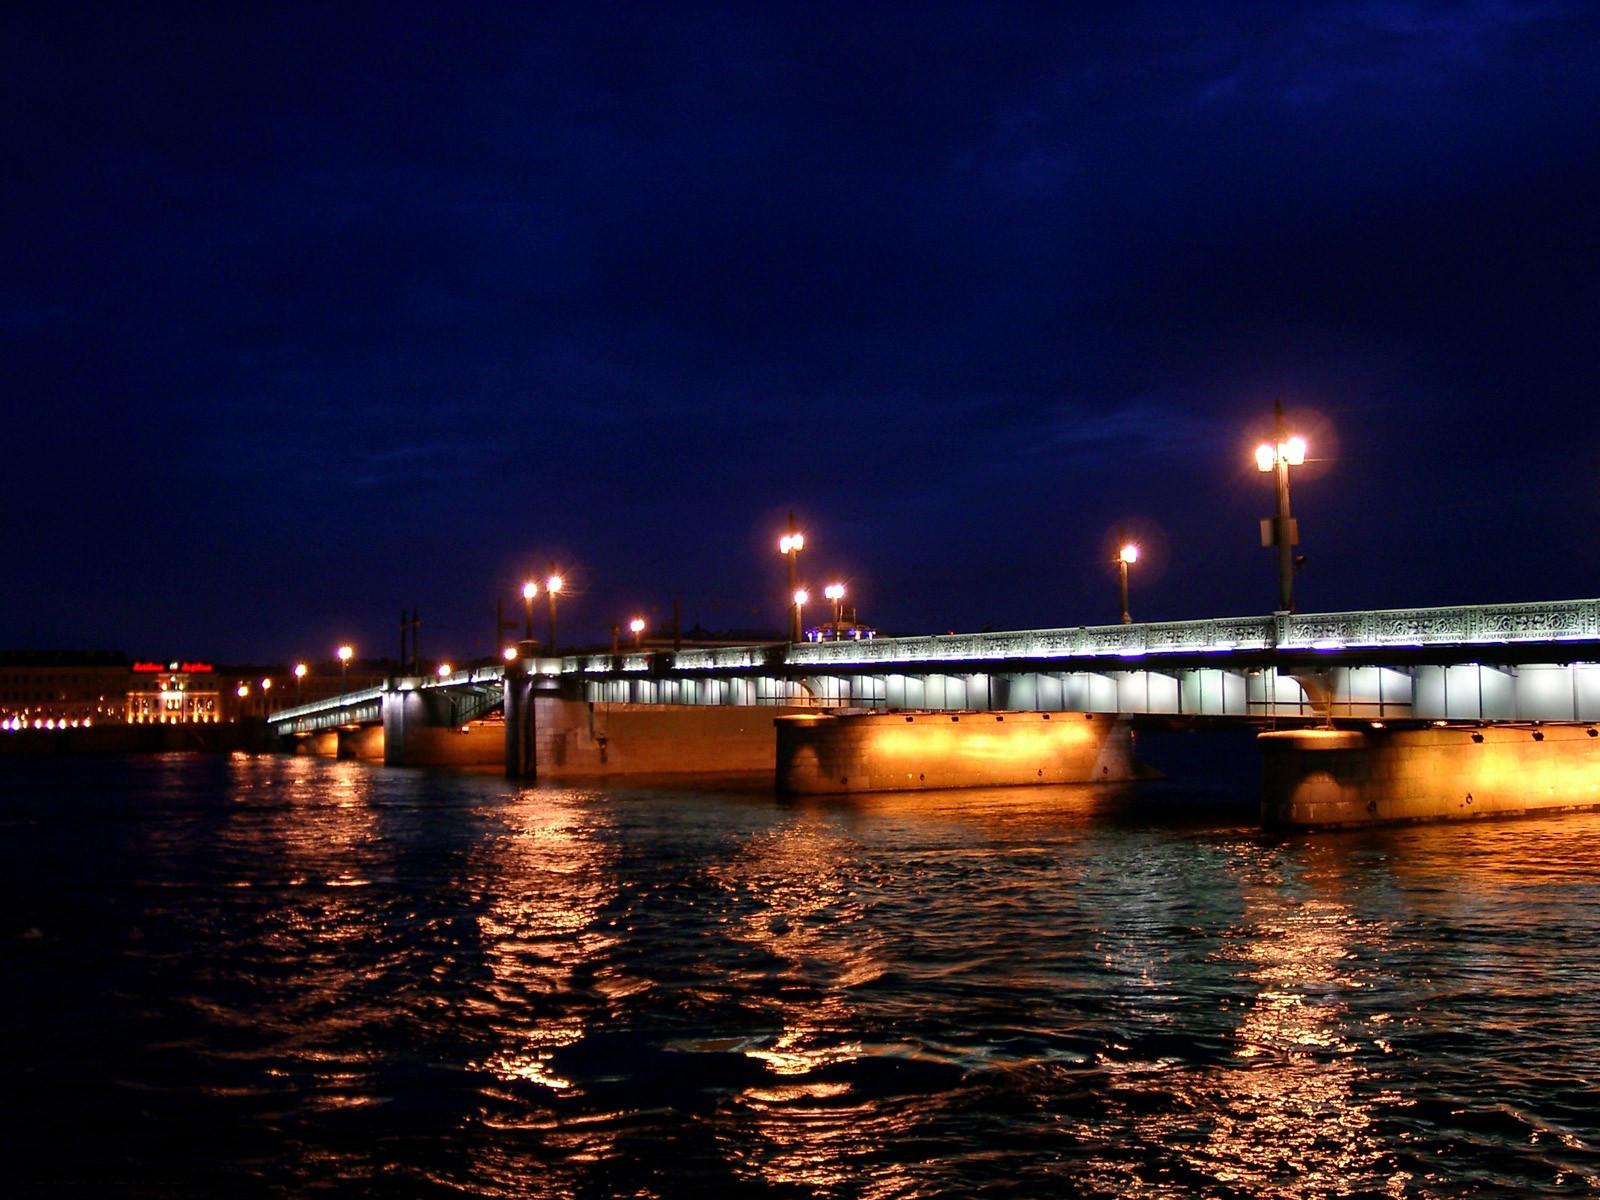 Мост с подсветкой ночью